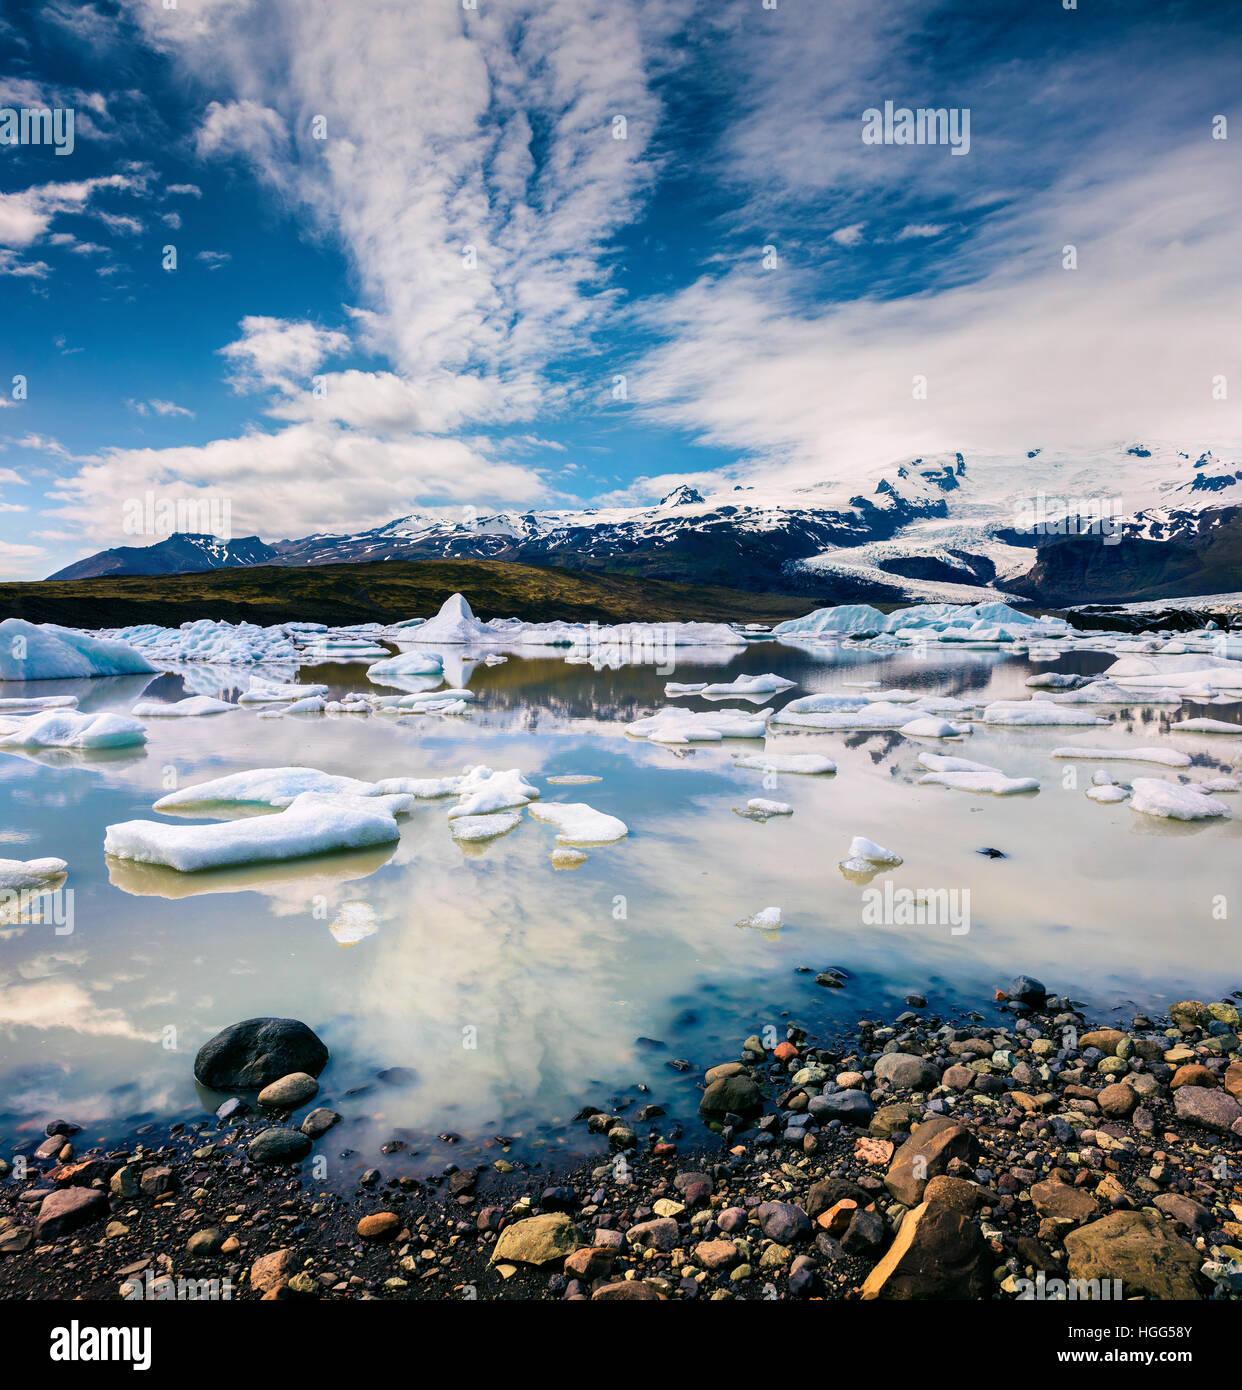 Fort de glace flottant sur la lagune glaciaire Fjallsarlon. Matin ensoleillé dans le Parc National de Vatnajökull, Photo Stock